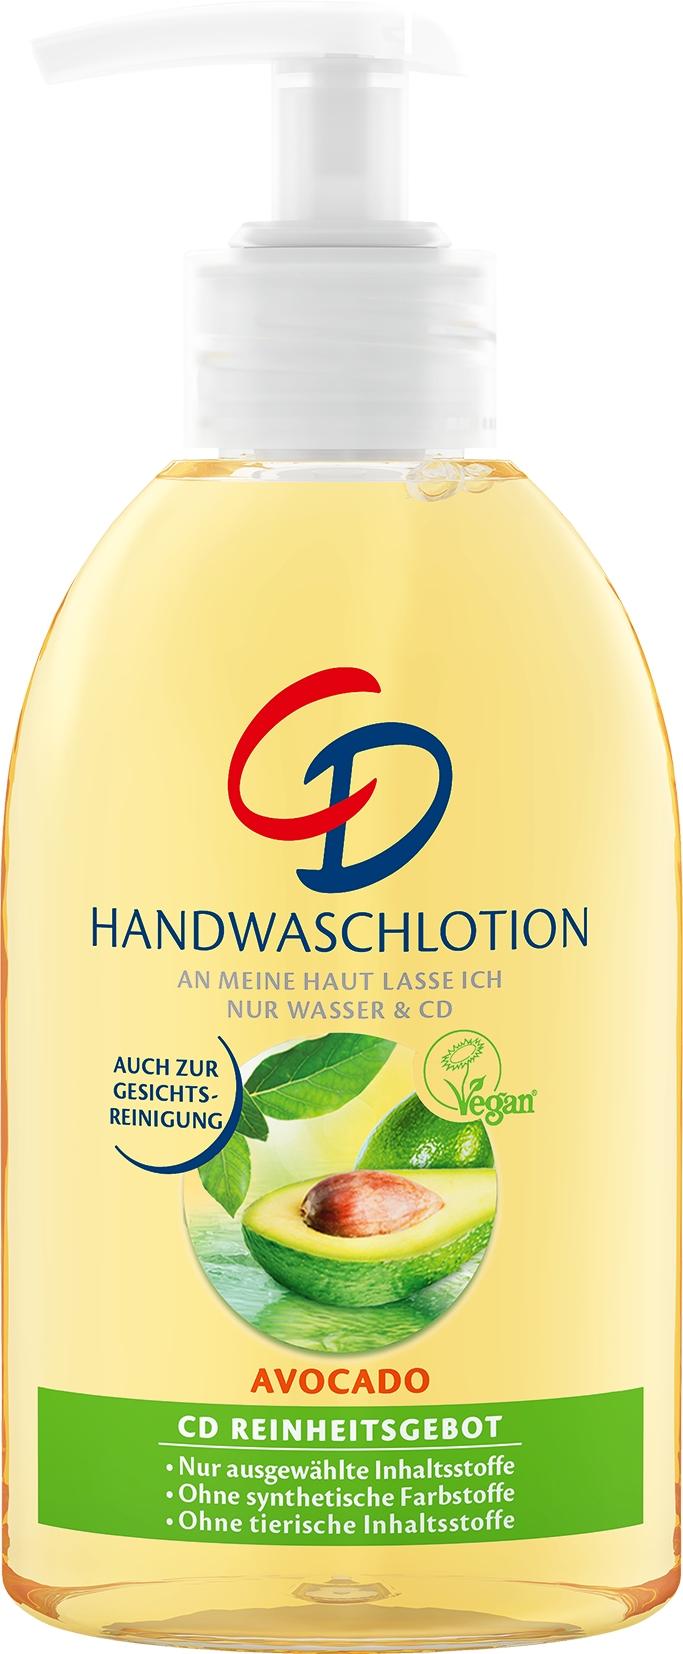 Waschlotion im Spender